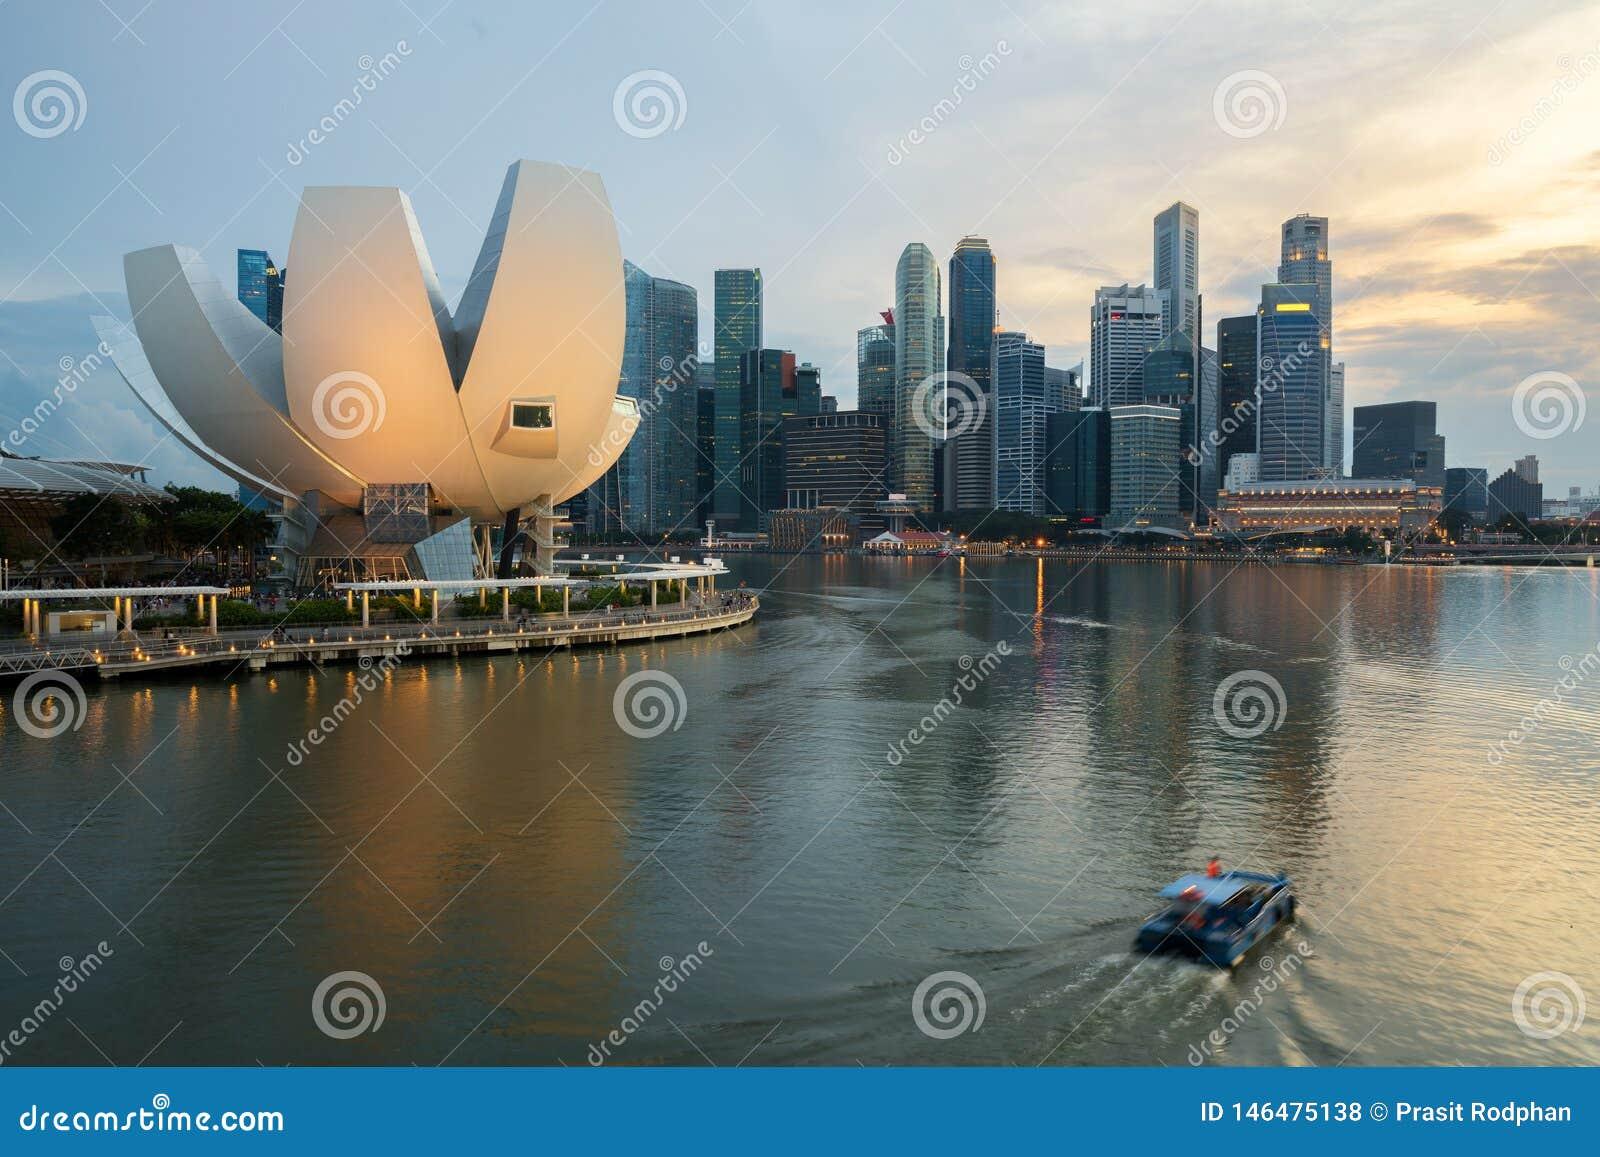 Ορίζοντας εμπορικών κέντρων της Σιγκαπούρης και ουρανοξύστης της Σιγκαπούρης στη νύχτα στον κόλπο μαρινών r